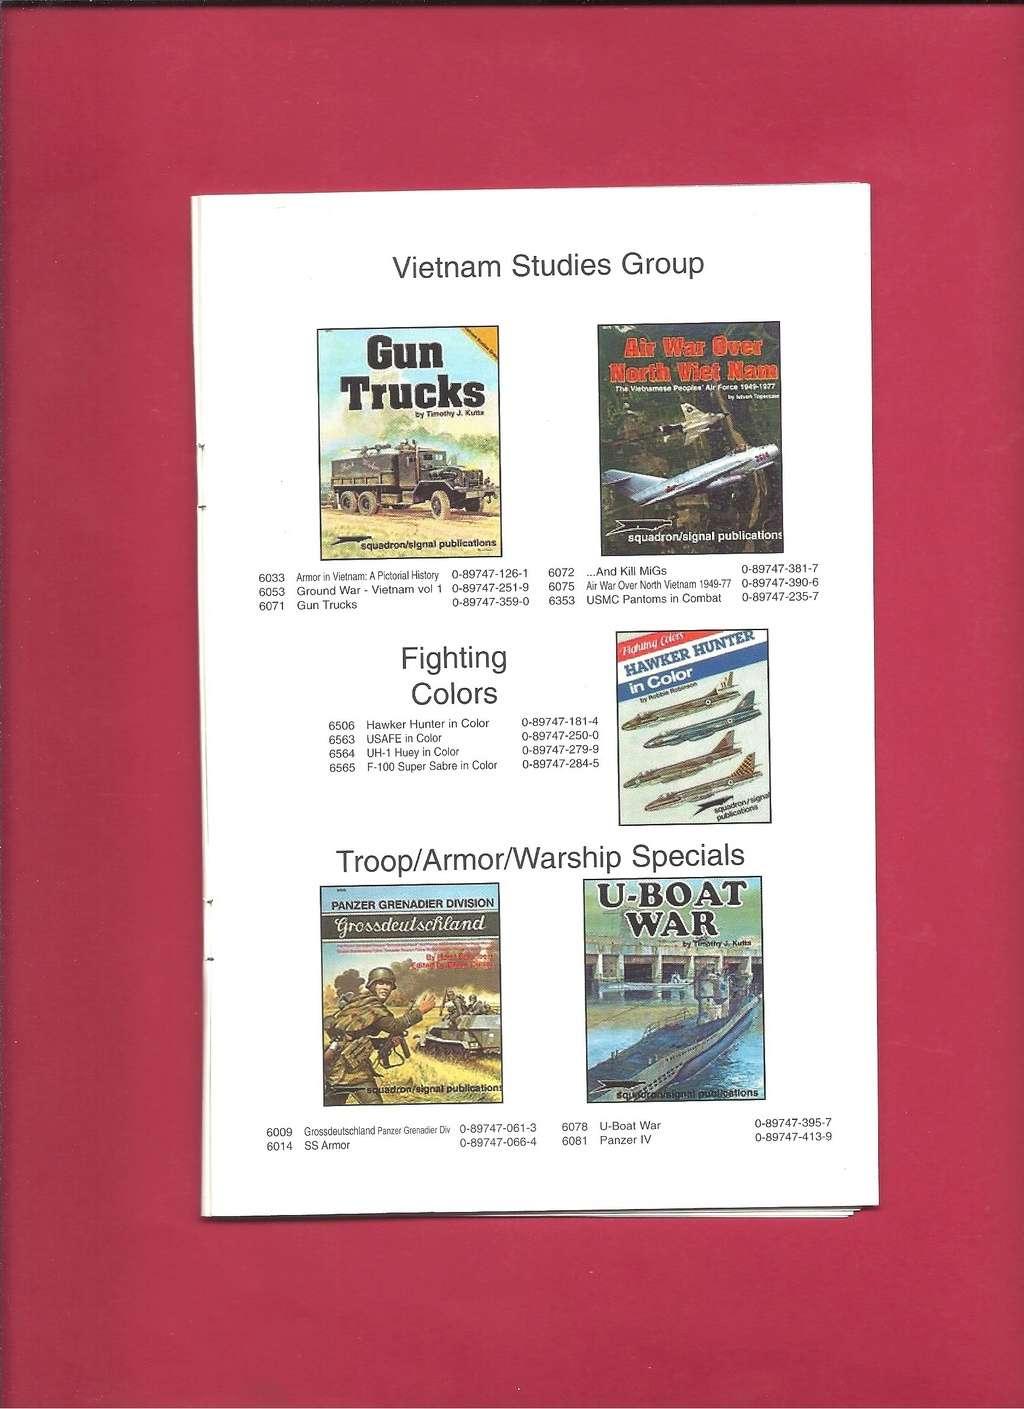 [SQUADRON /SIGNAL PUBLICATIONS 2001] Catalogue printemps 2001 Squadr53